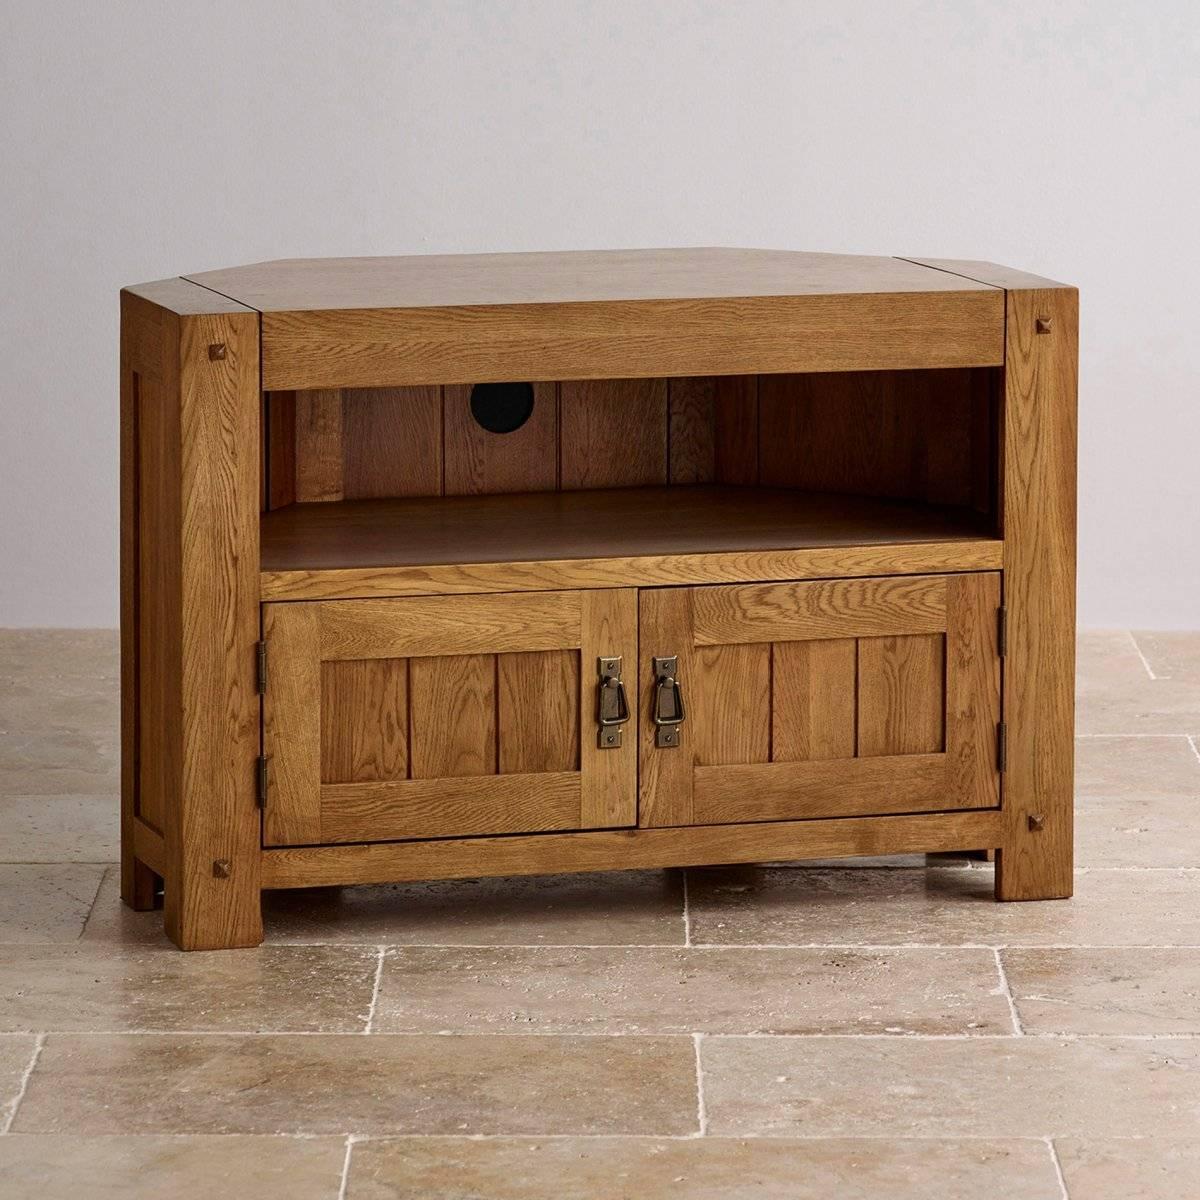 Quercus Corner Tv Cabinet In Rustic Oak | Oak Furniture Land Regarding Oak Corner Tv Stands (View 8 of 15)